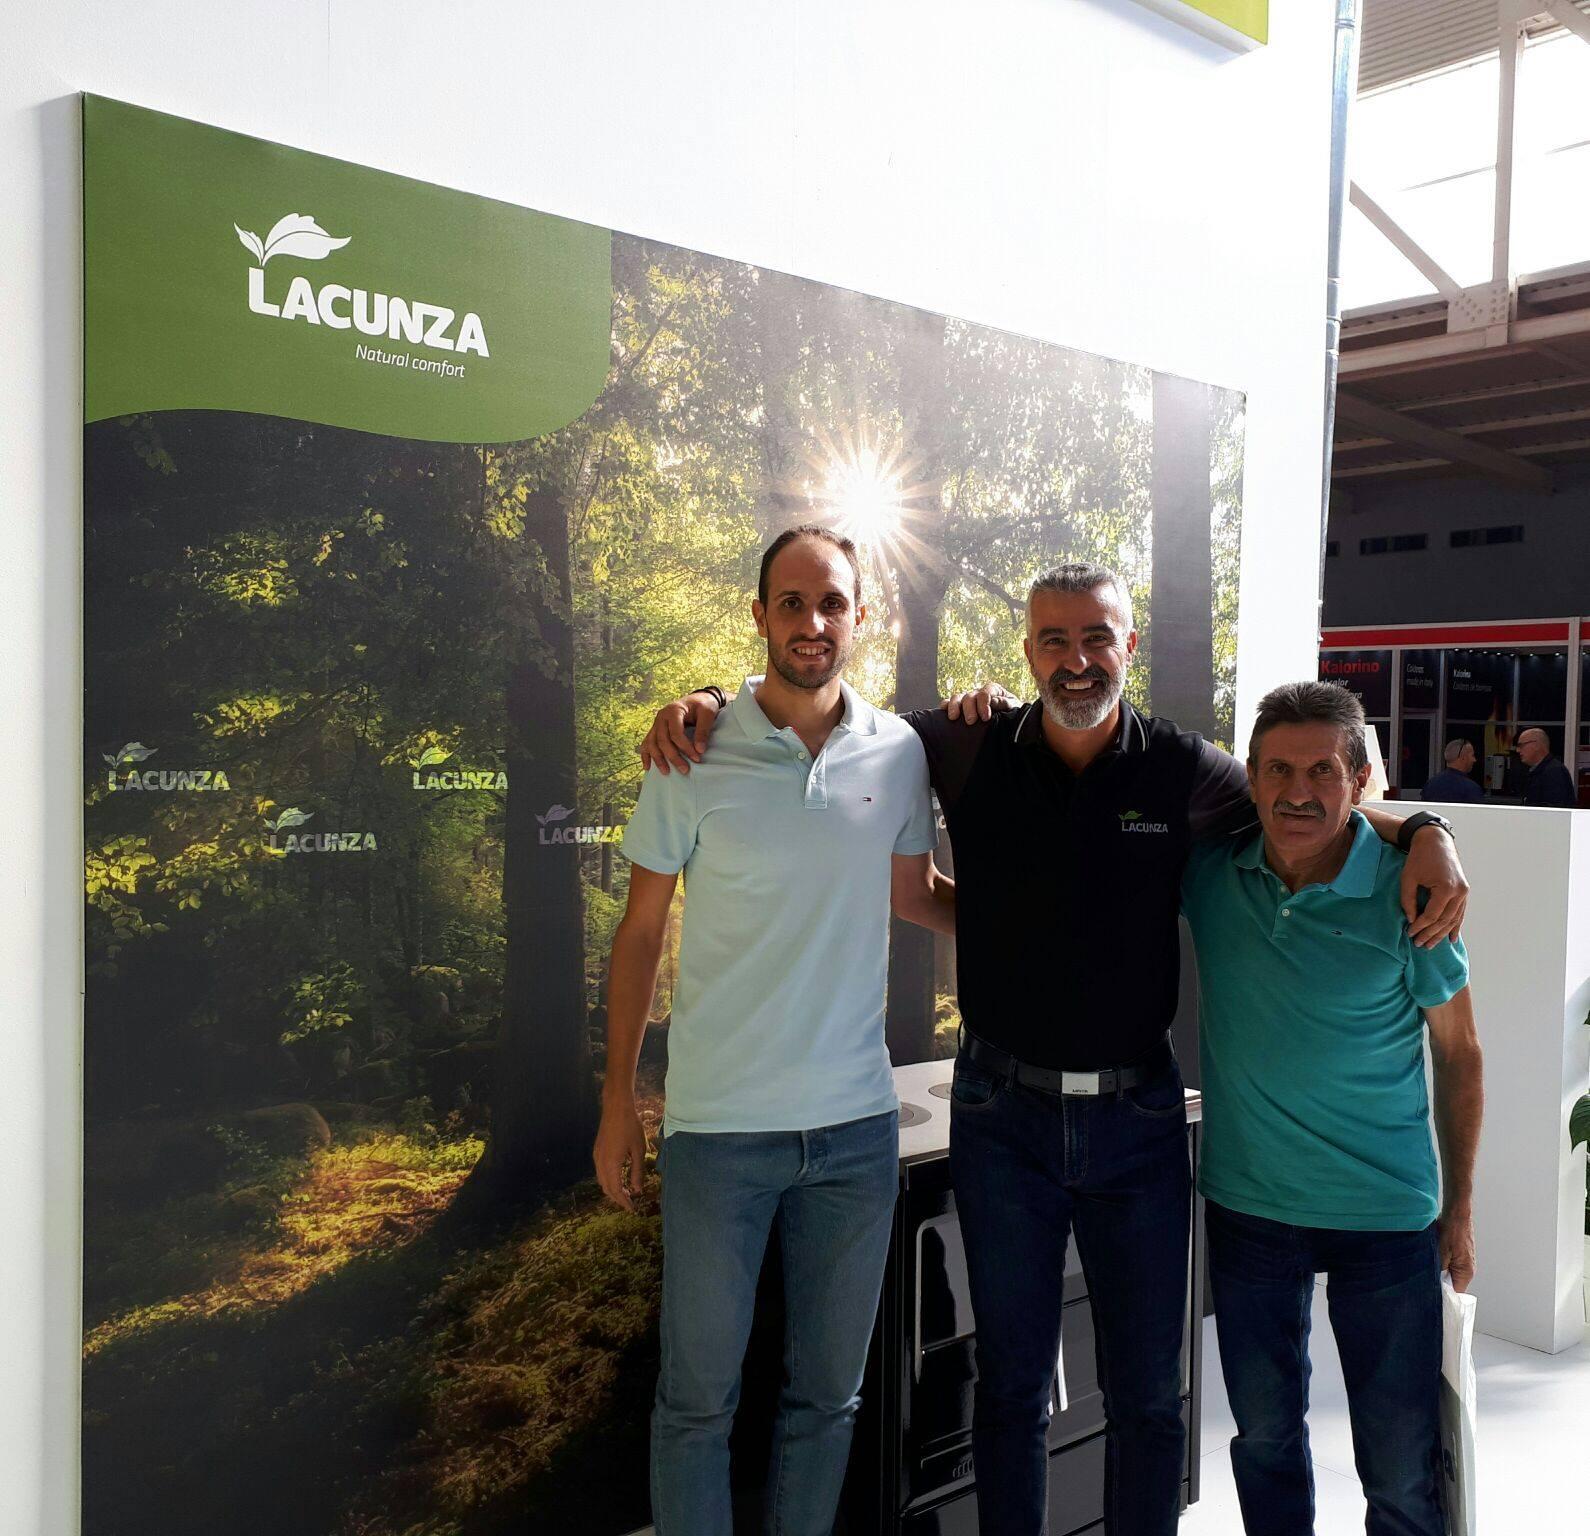 Chimeneas Molina distribuidor Lacunza